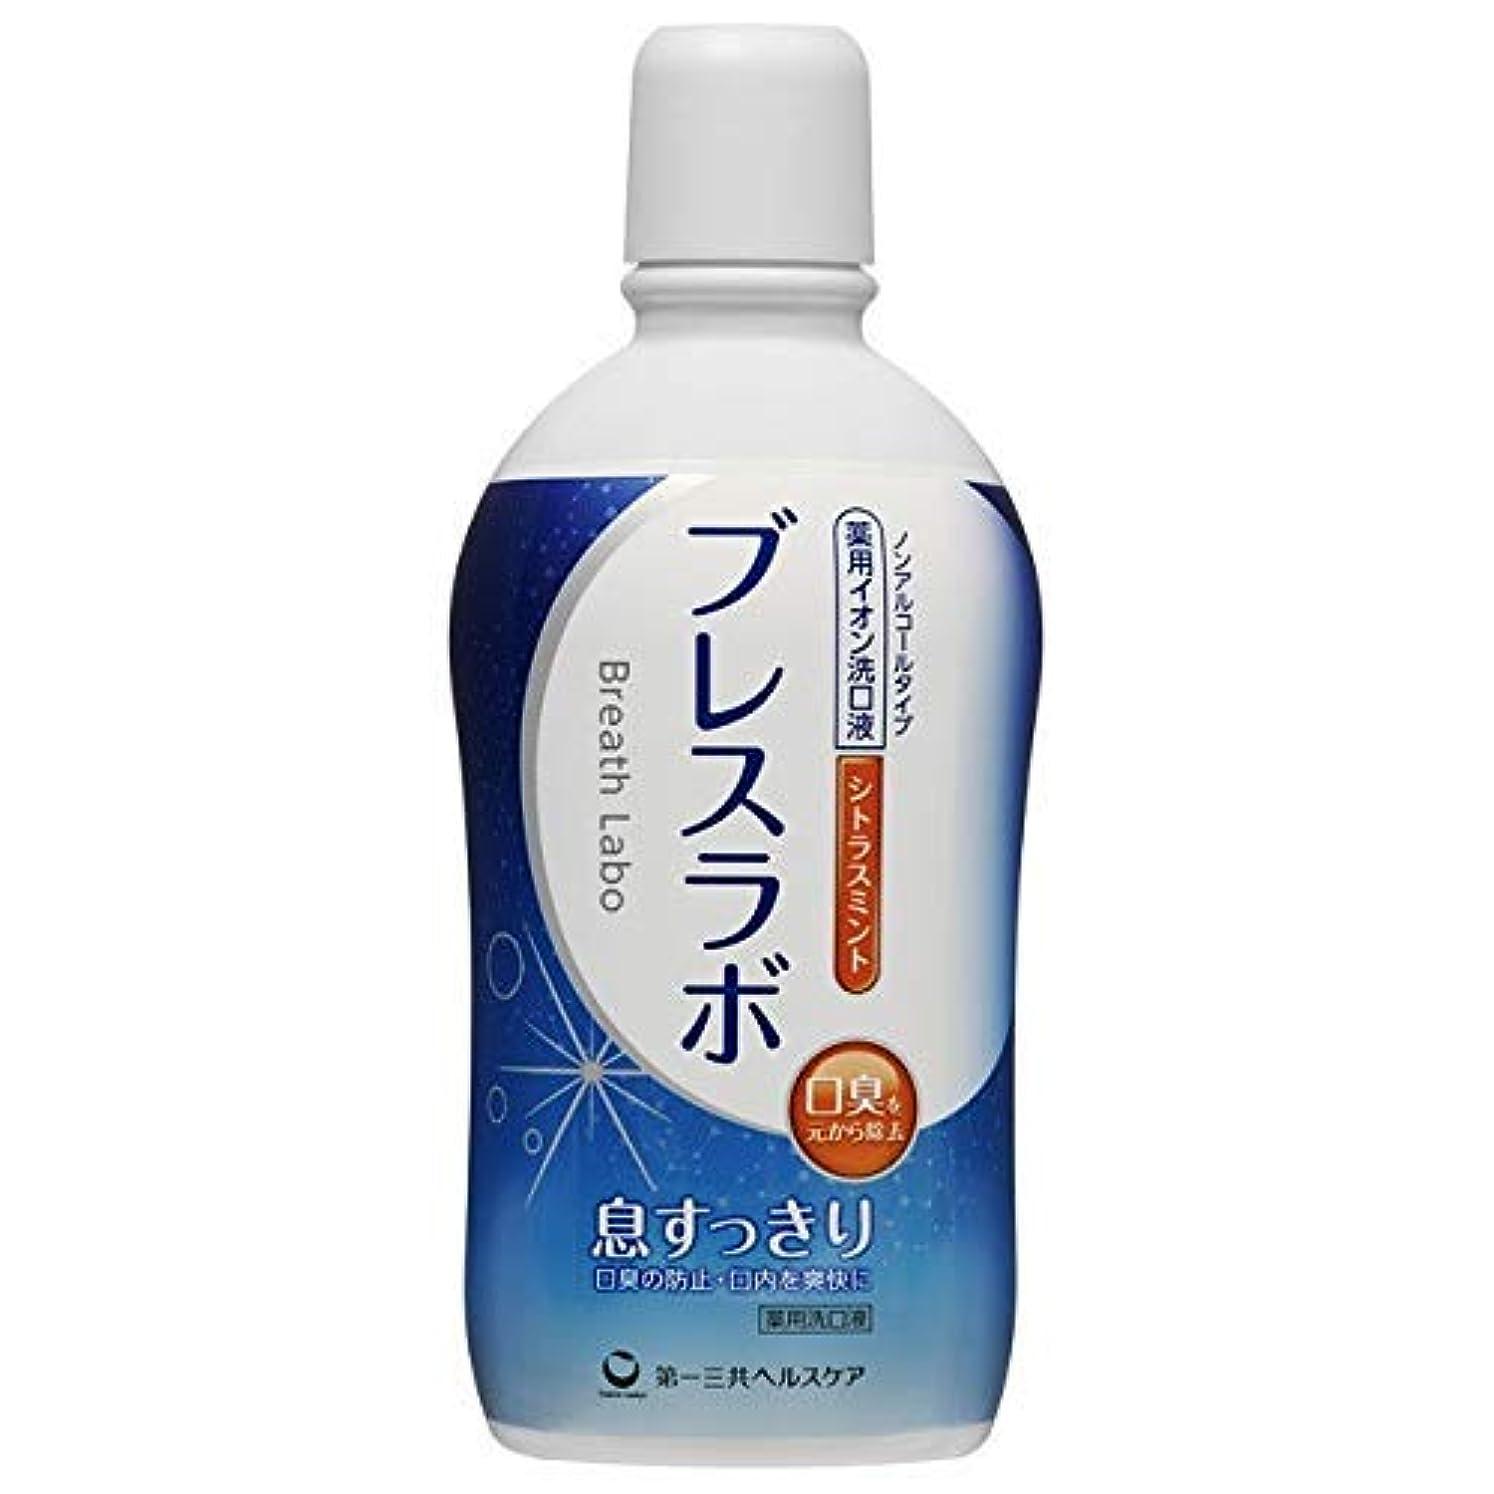 後悔回転する可決第一三共ヘルスケア 薬用イオン洗口液 ブレスラボ マウスウォッシュ シトラスミント 450mL